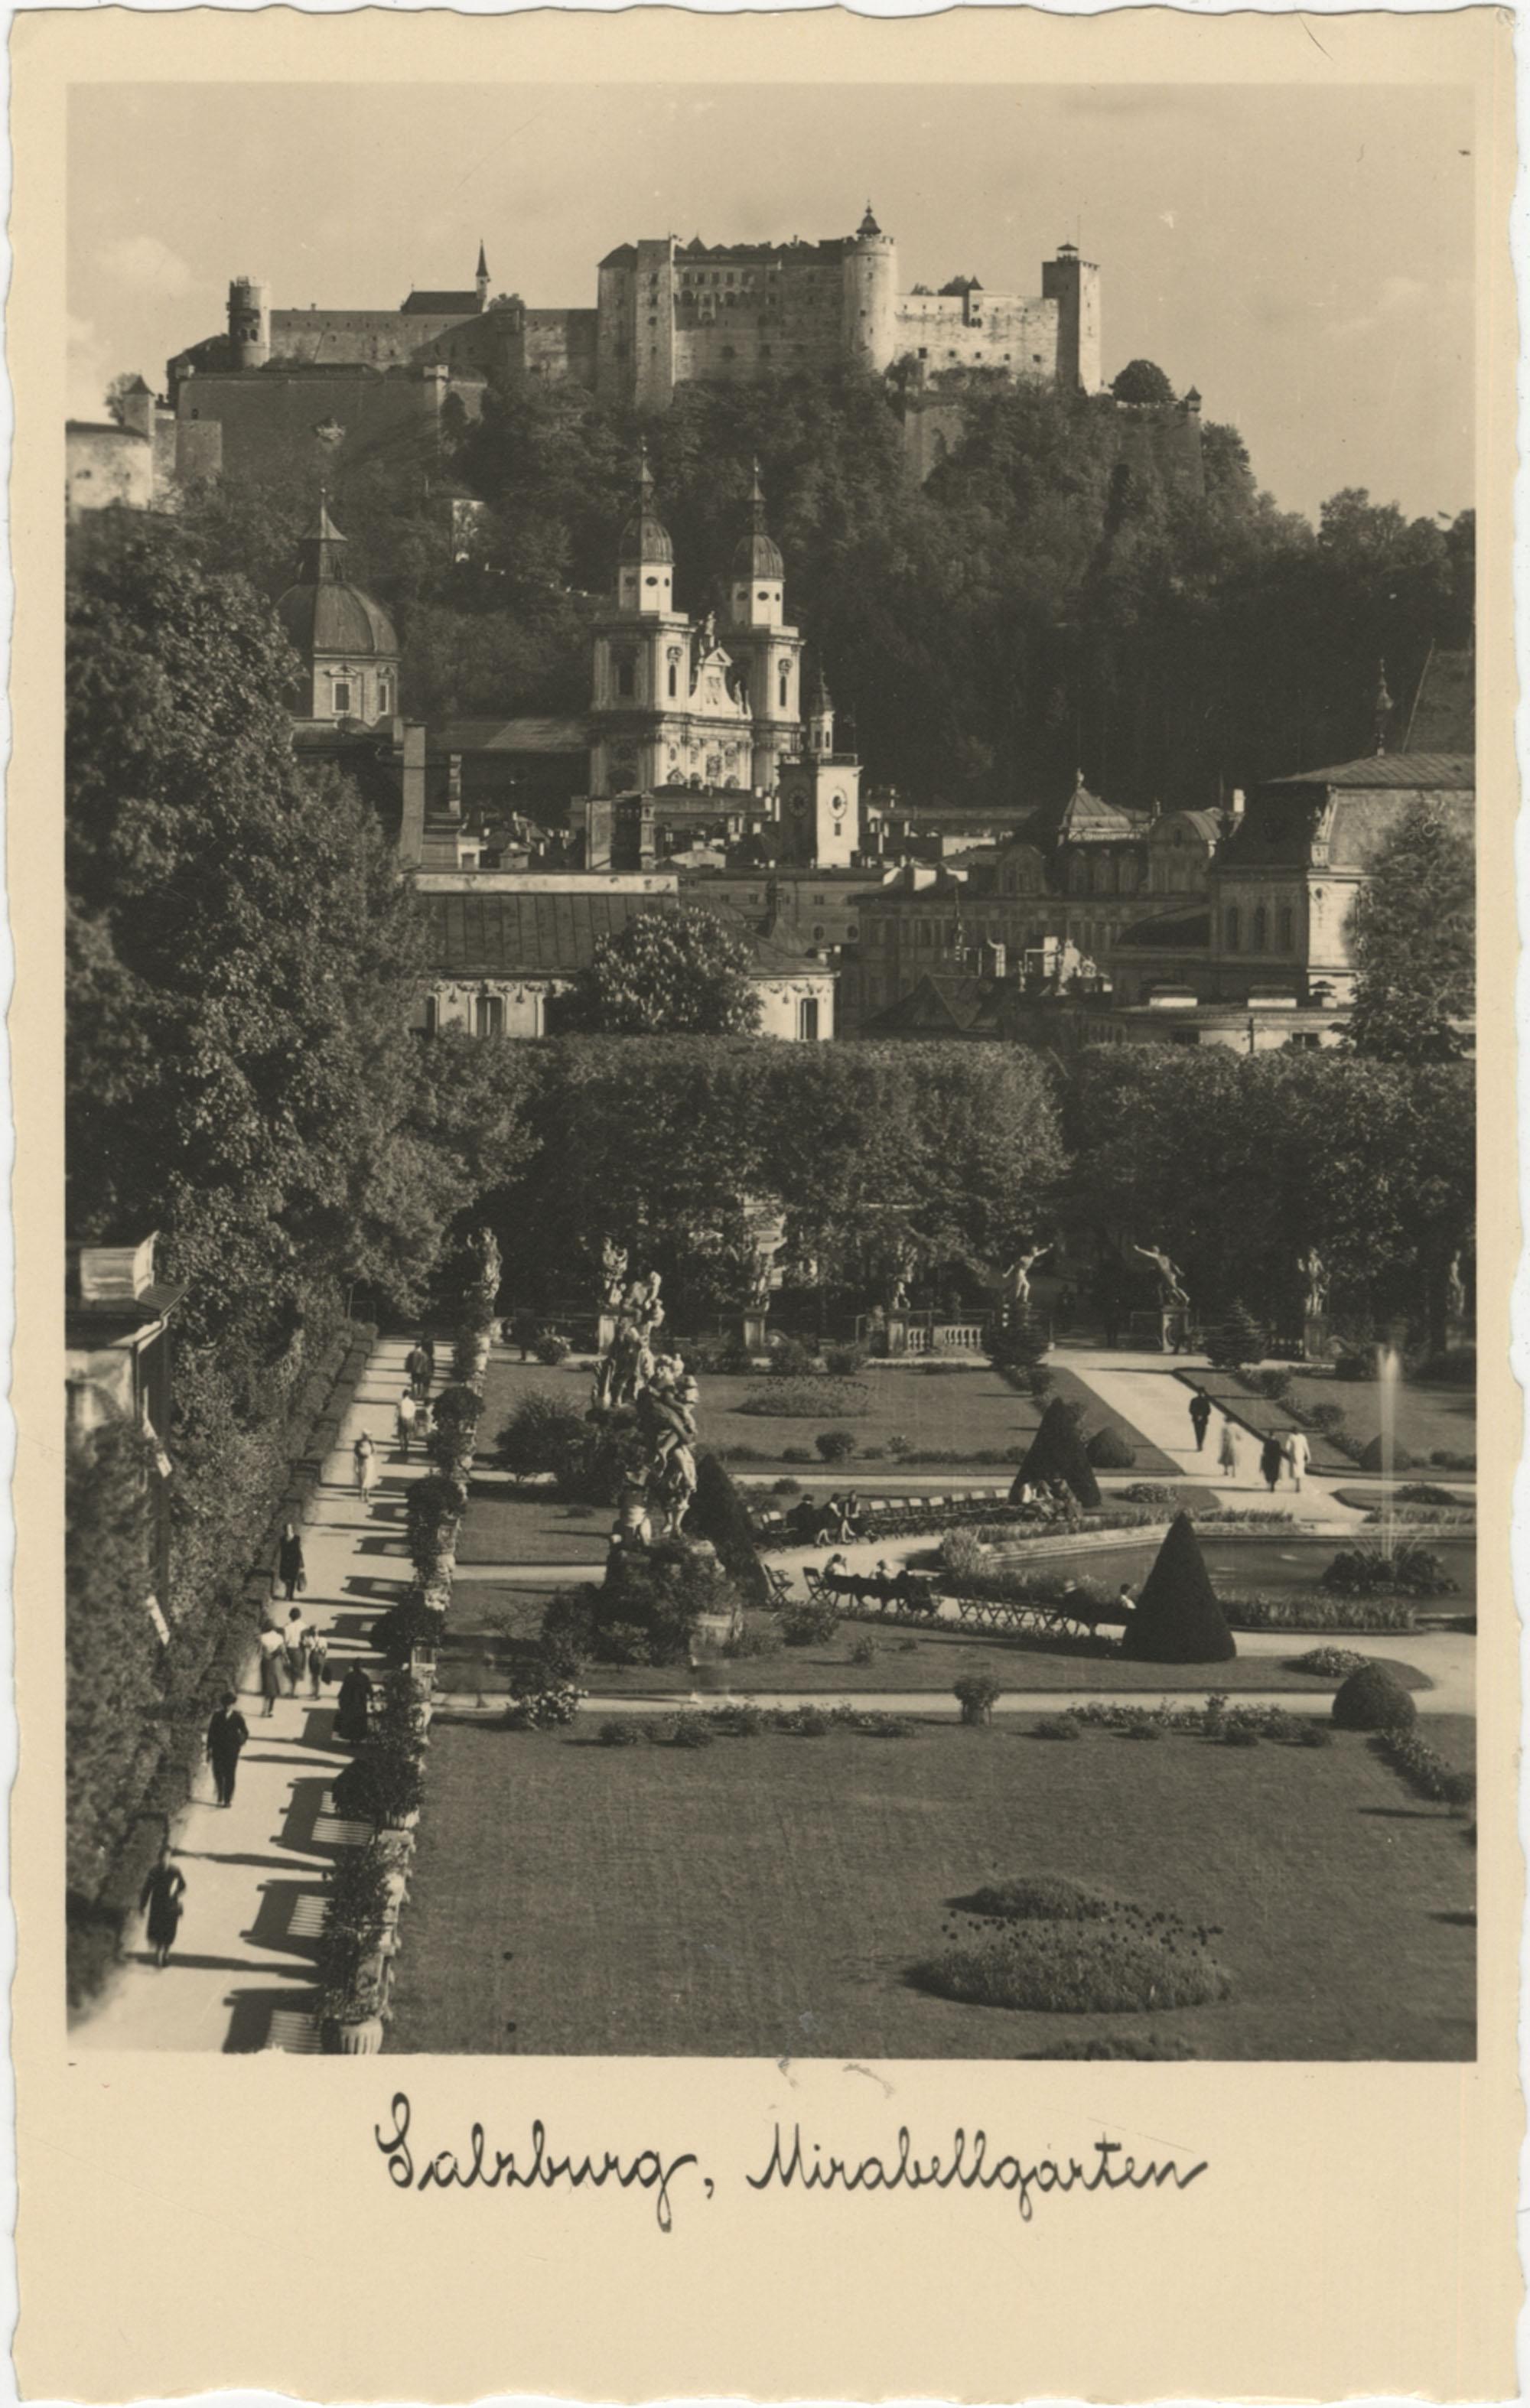 Mirabell Palace garden in Salzburg, Austria